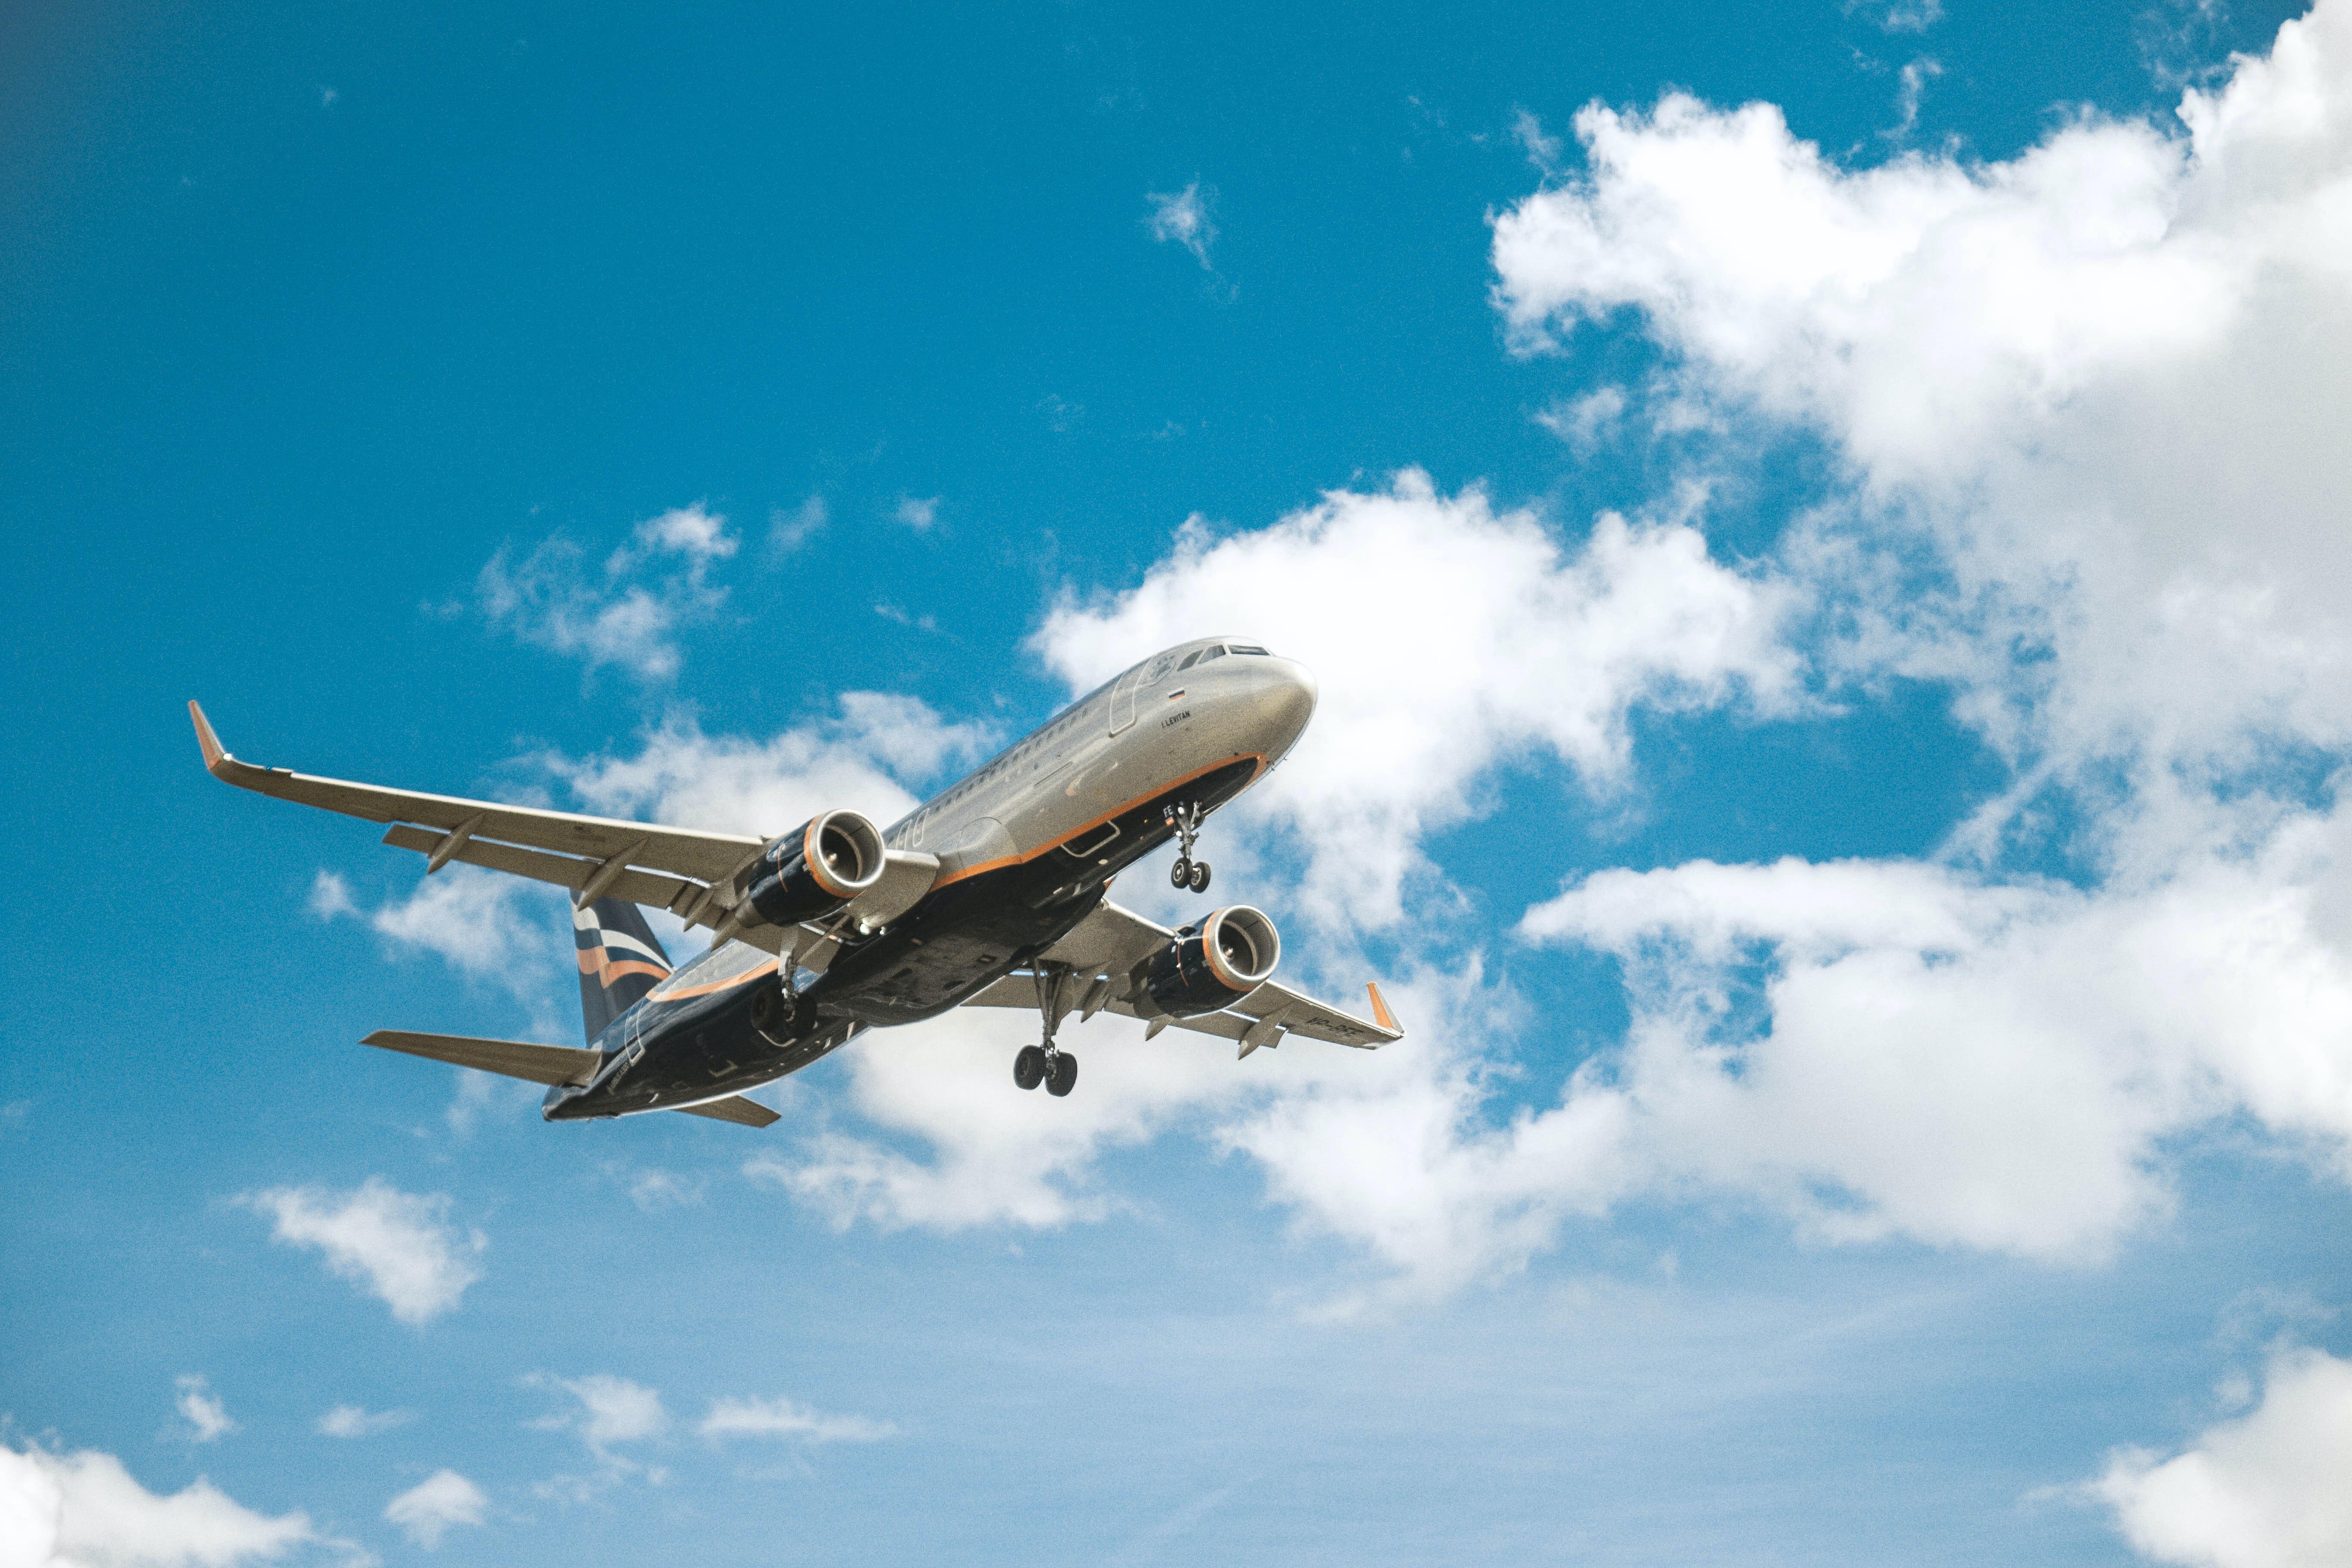 9월 4일 이후, 네덜란드로 입국할 때 알아야할 점들 Q&A